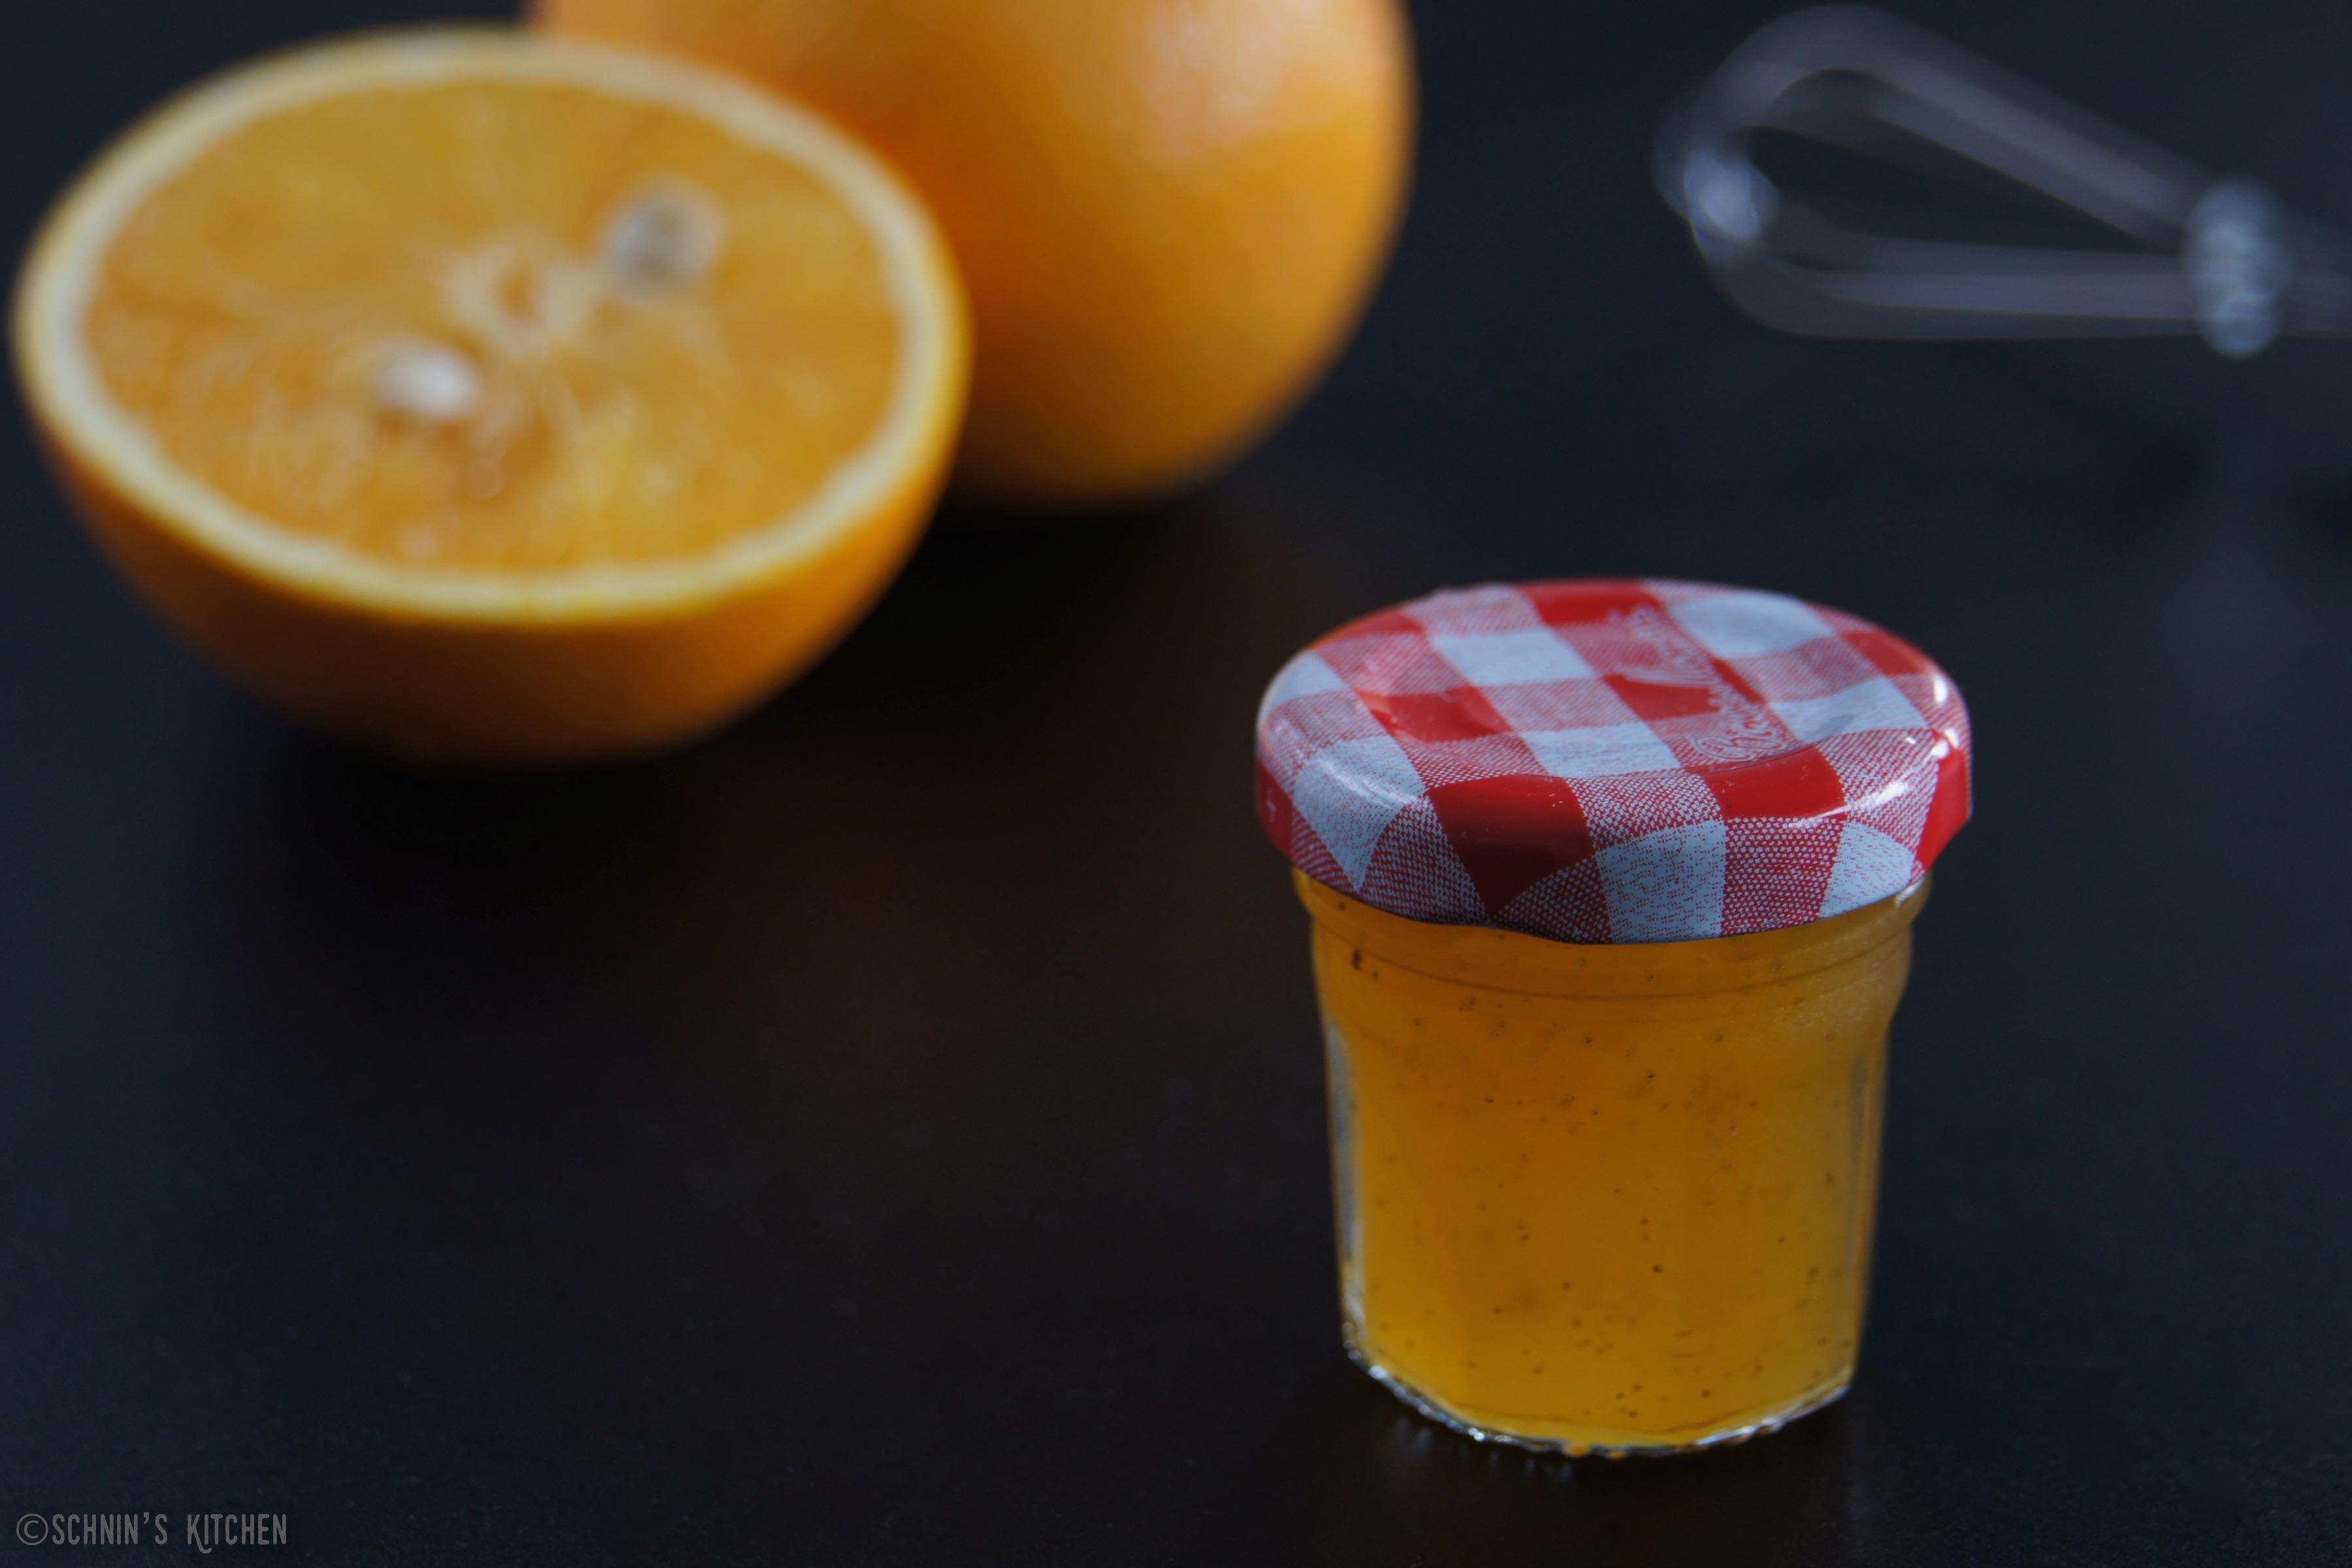 Schnin's Kitchen: Orangen-Vanille-Gelee